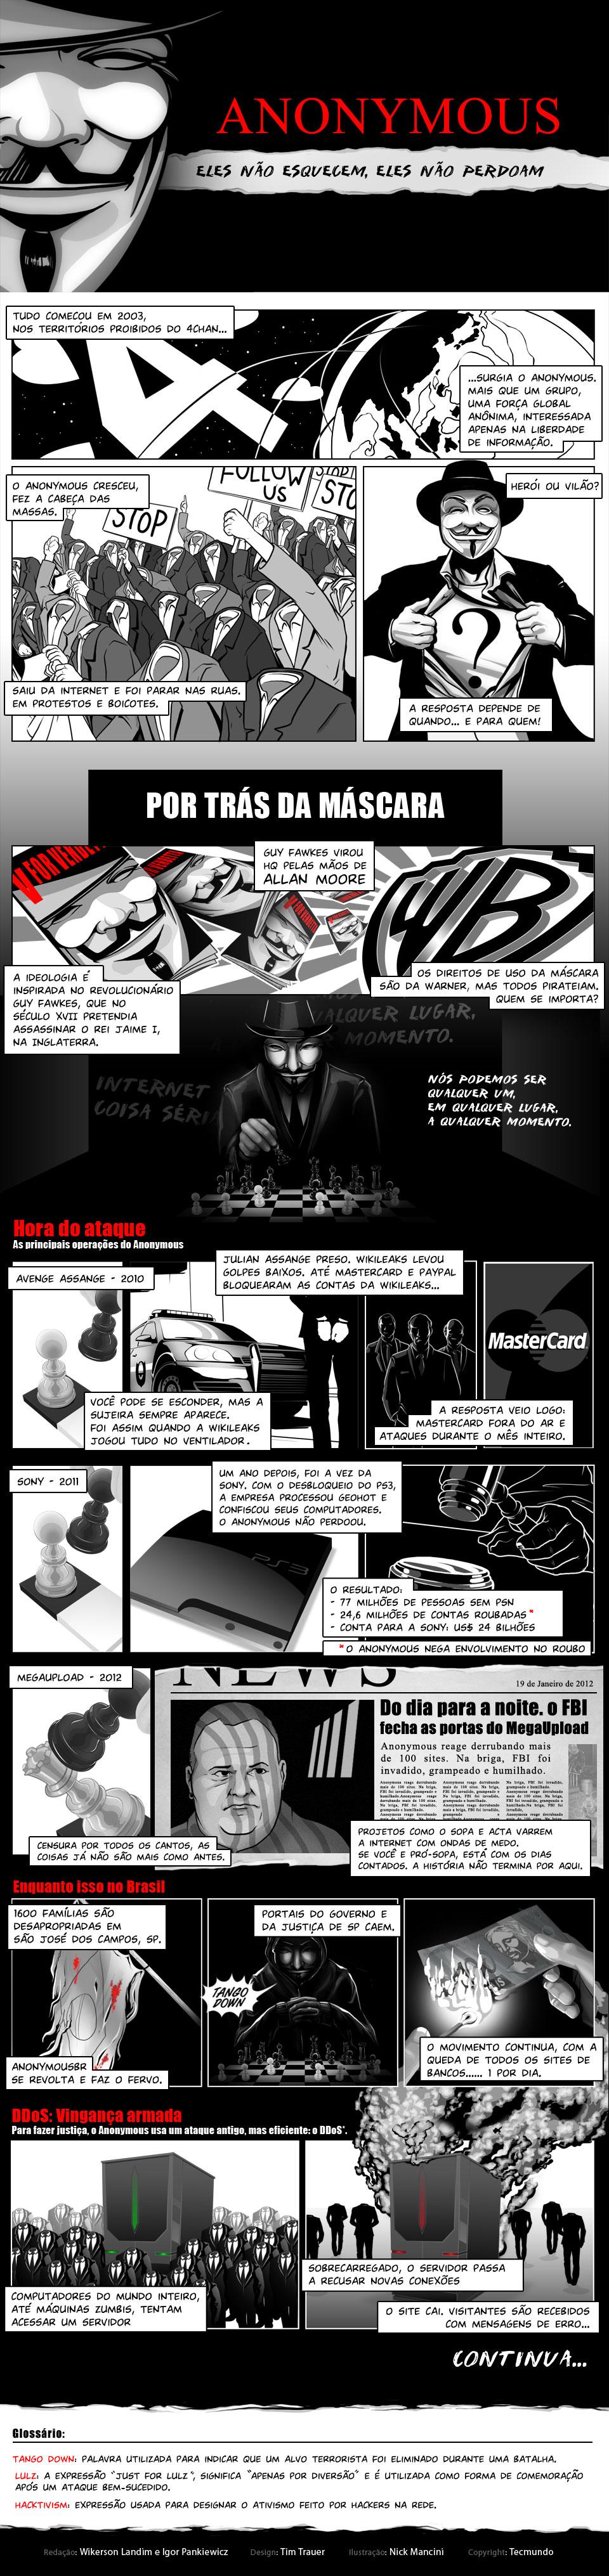 Infográfico - Anonymous: eles não esquecem, eles não perdoam [infográfico]